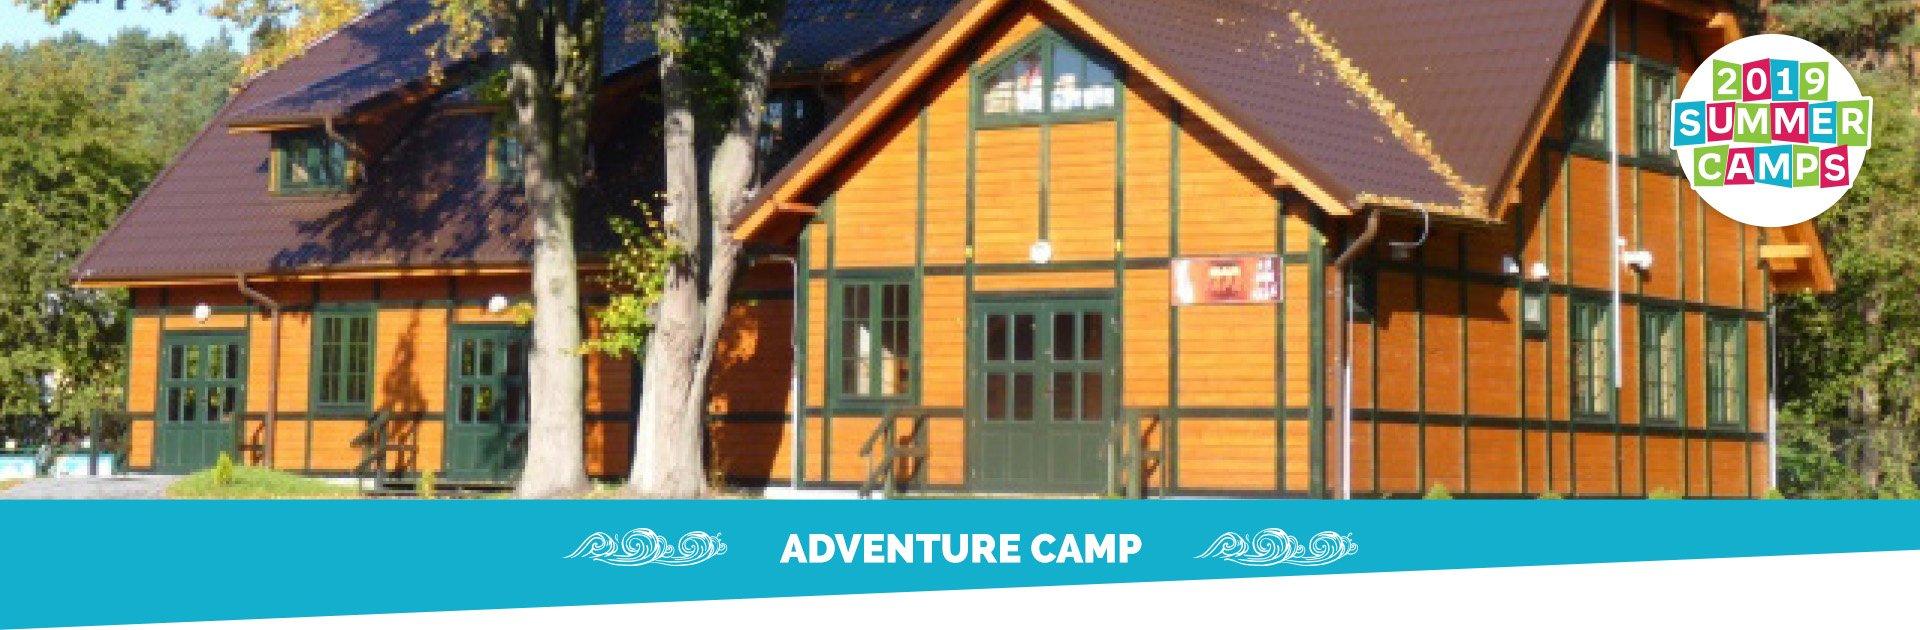 banner_gora_adventure